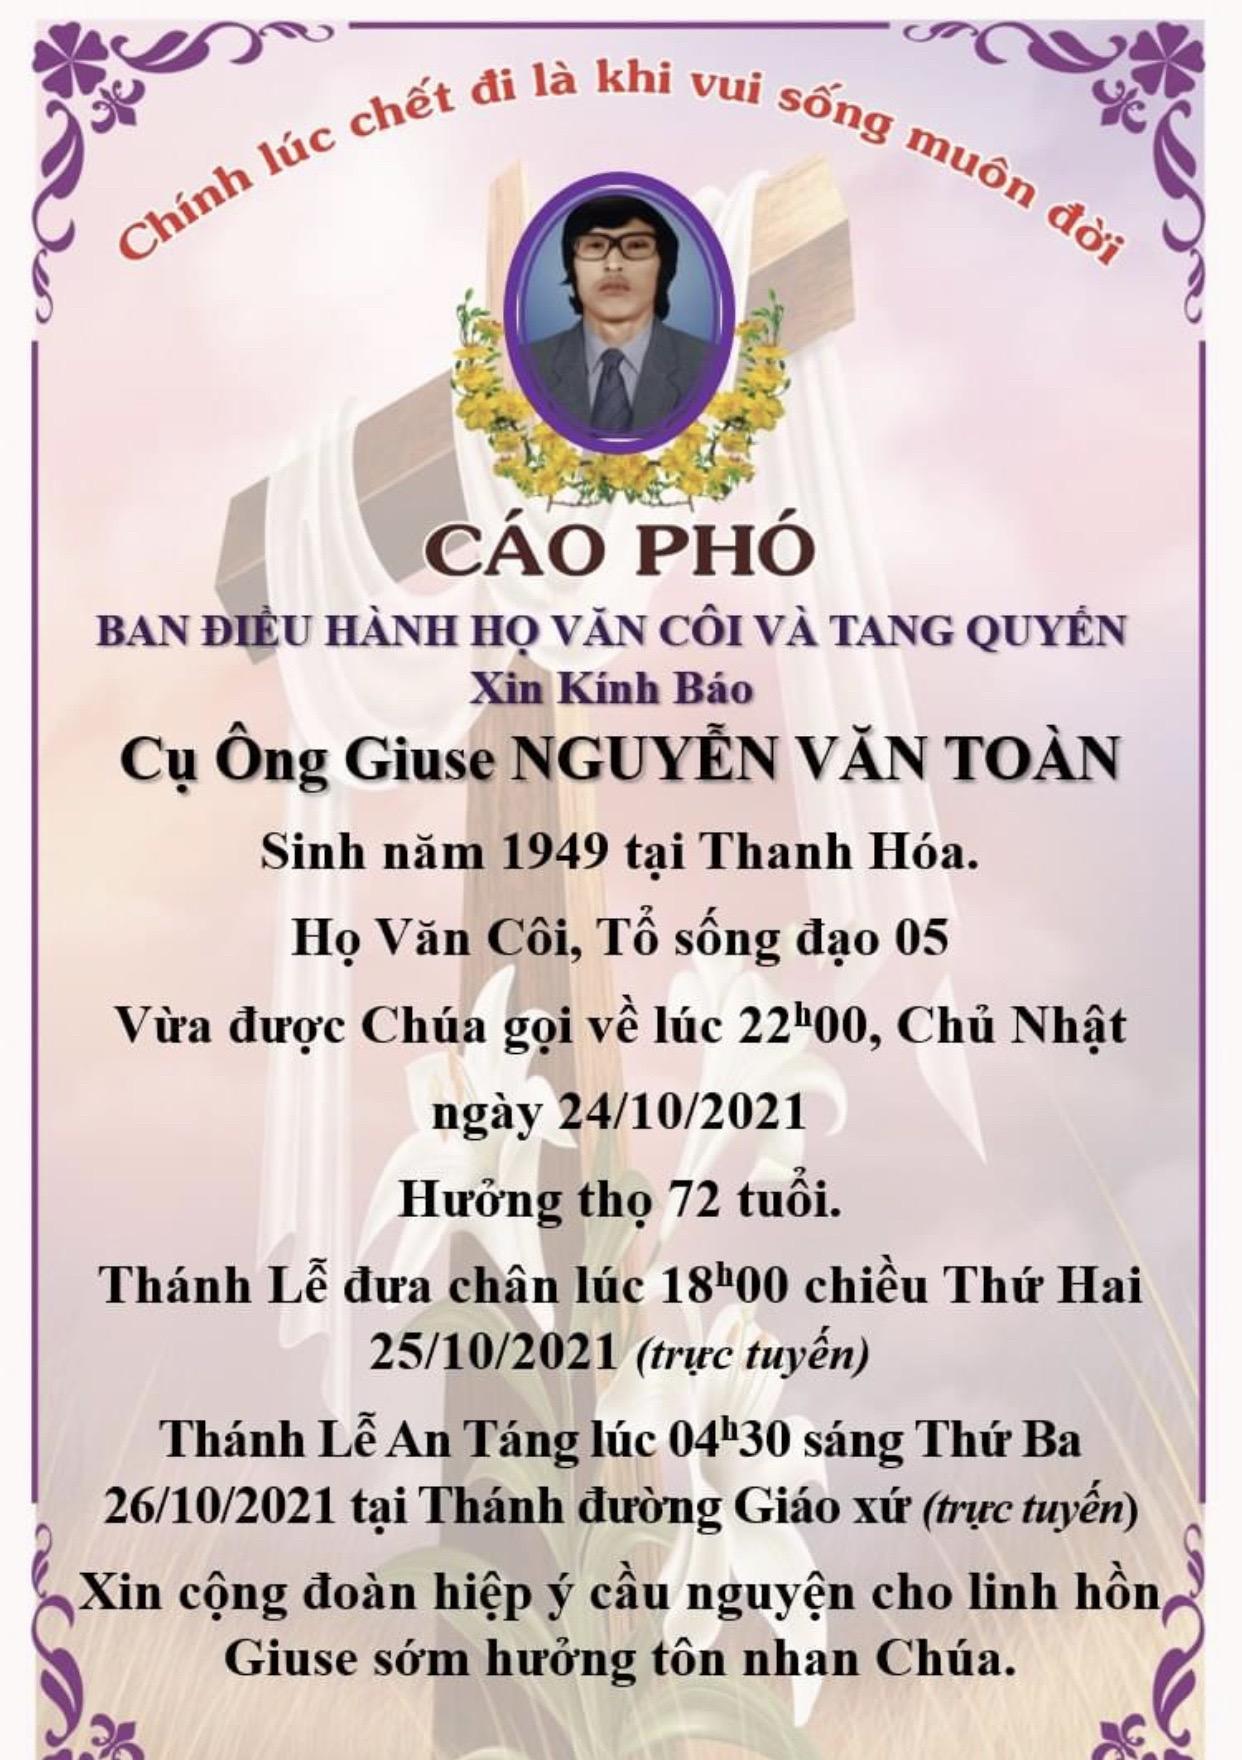 Cáo phó cụ ông Giuse Nguyễn Văn Toản.